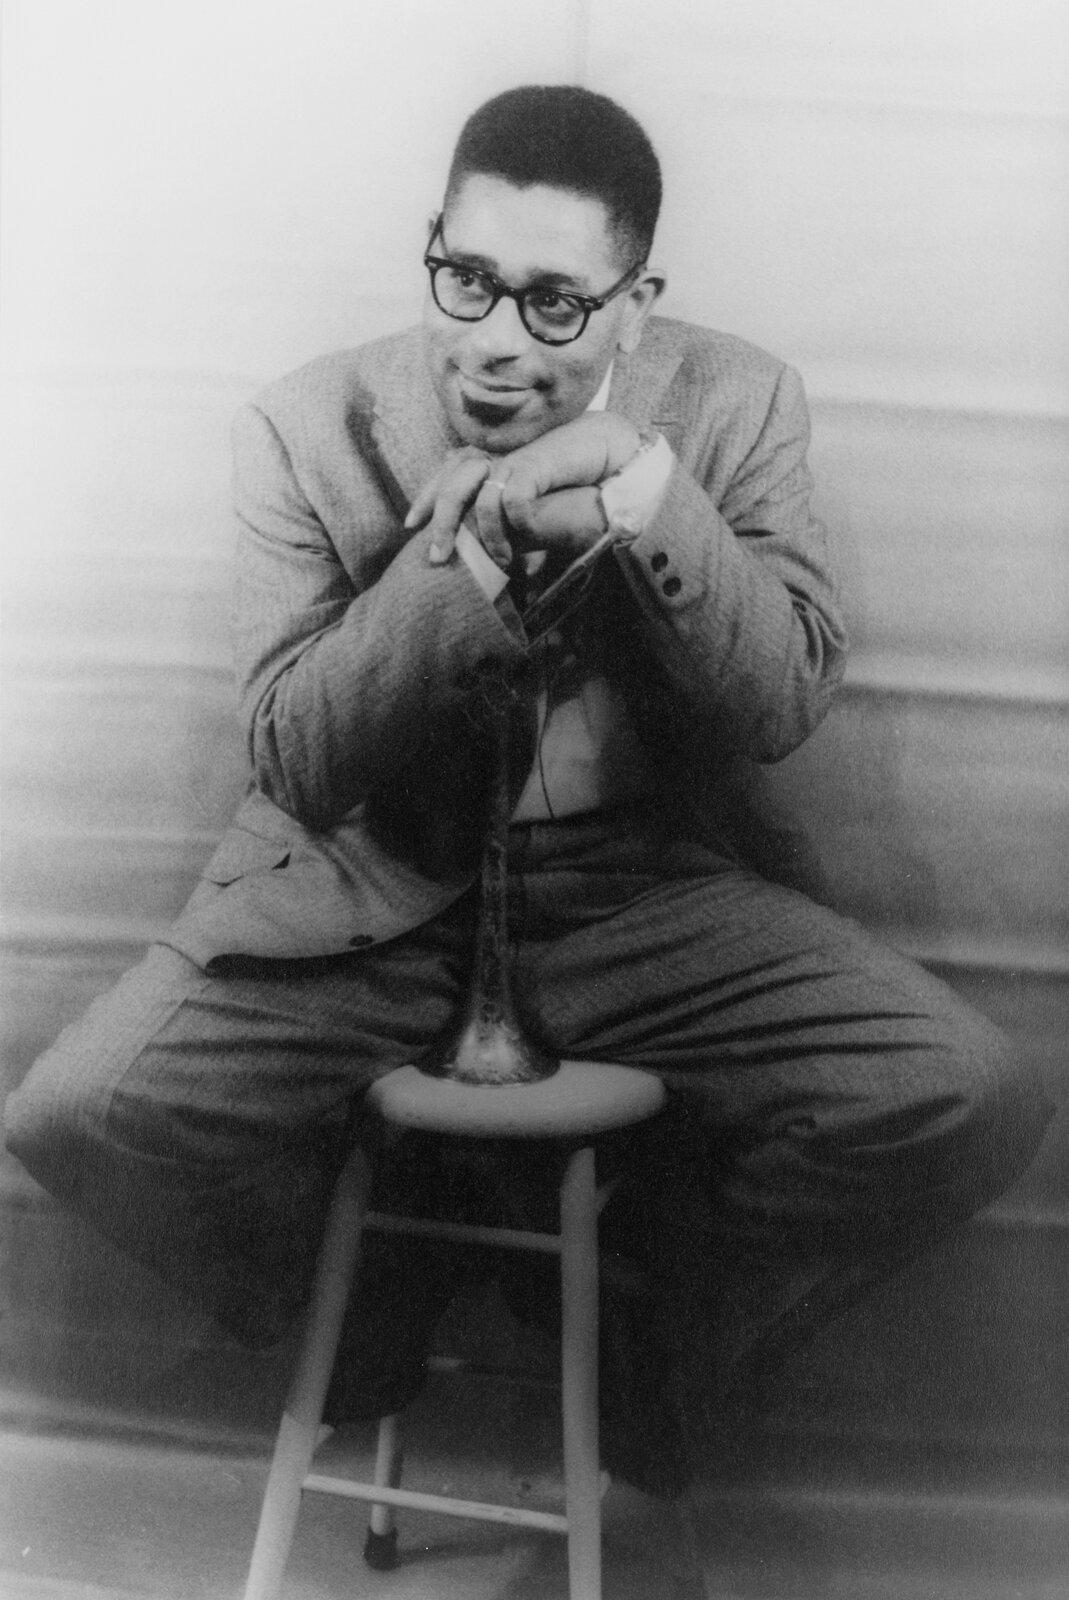 Ilustracja przedstawia zdjęcie słynnego amerykańskiego muzyka Dizziego Gillespie. Mężczyzna siedzi na taborecie, brodę podpiera otrąbkę, która trzyma wręce. Mężczyzna nosił okulary, ubrany wbiałą koszulę ijasny garnitur.